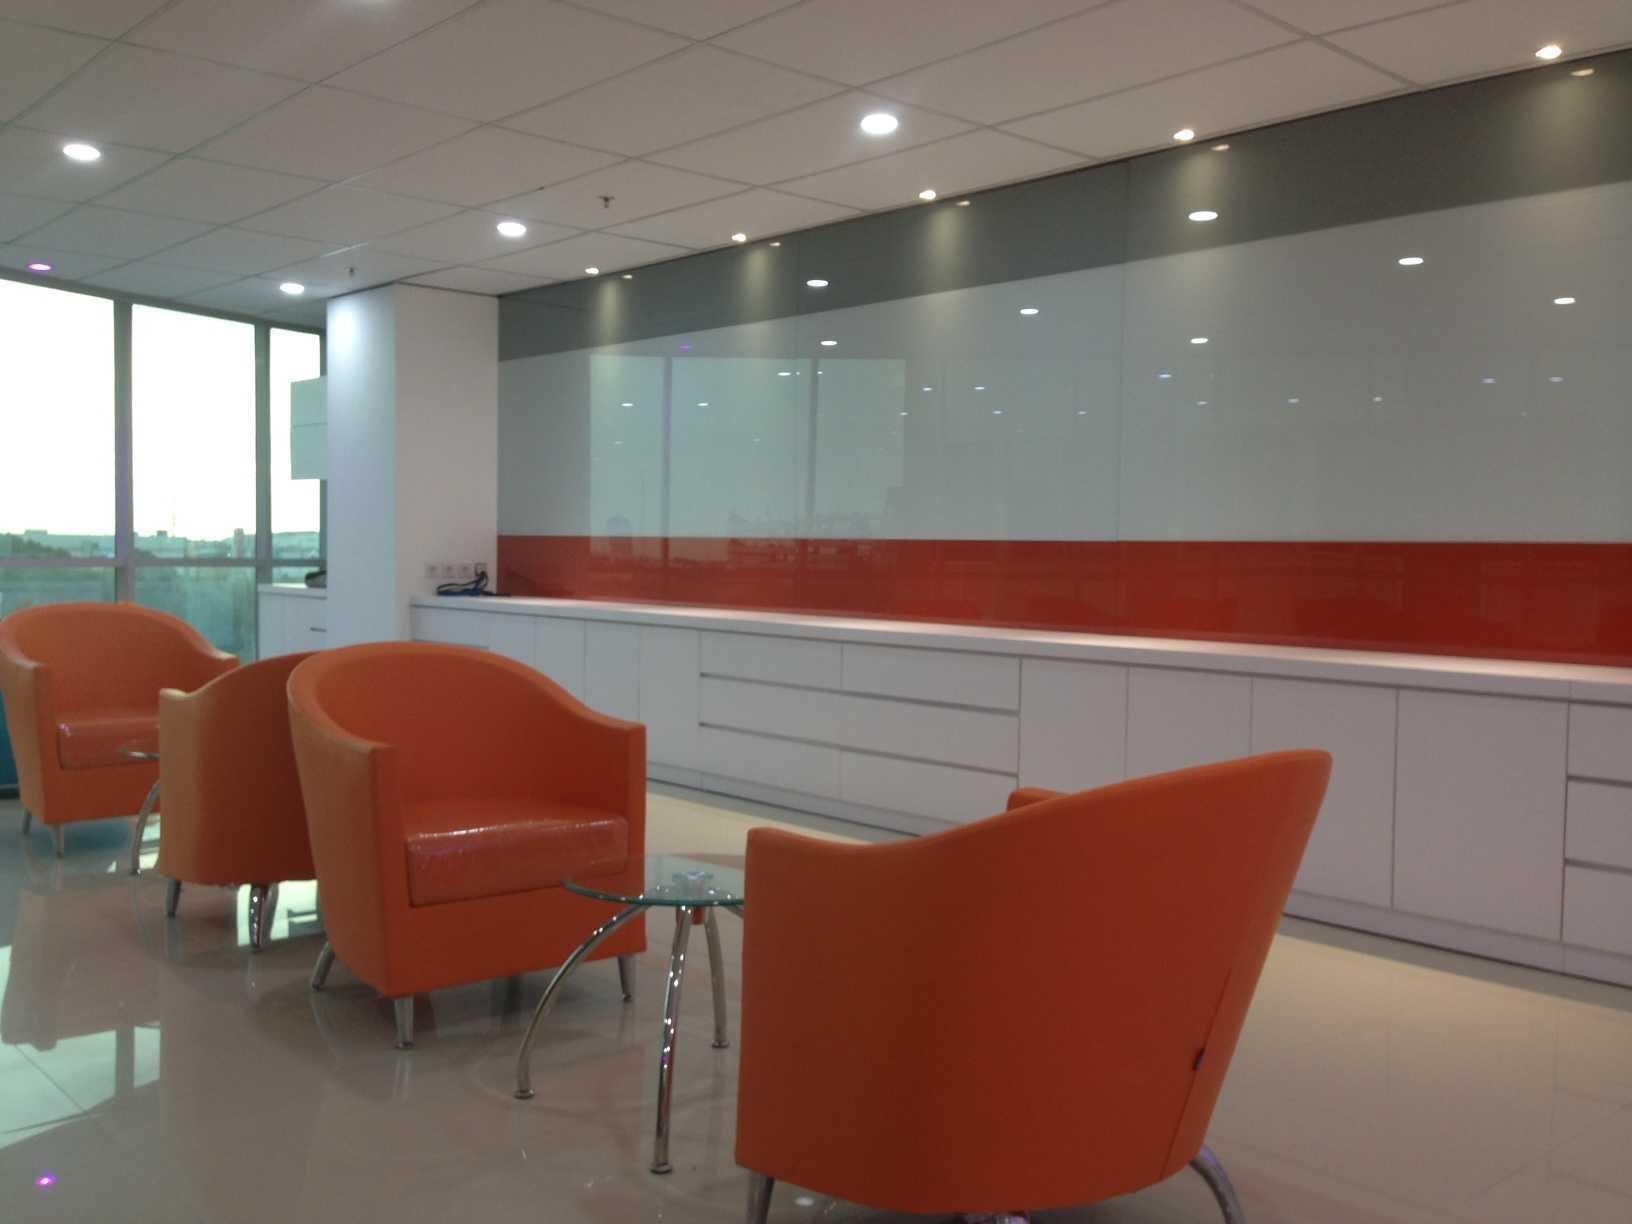 Roemah Cantik Marketing Office Palembang, Kota Palembang, Sumatera Selatan, Indonesia Palembang, Kota Palembang, Sumatera Selatan, Indonesia Seating Area   43141